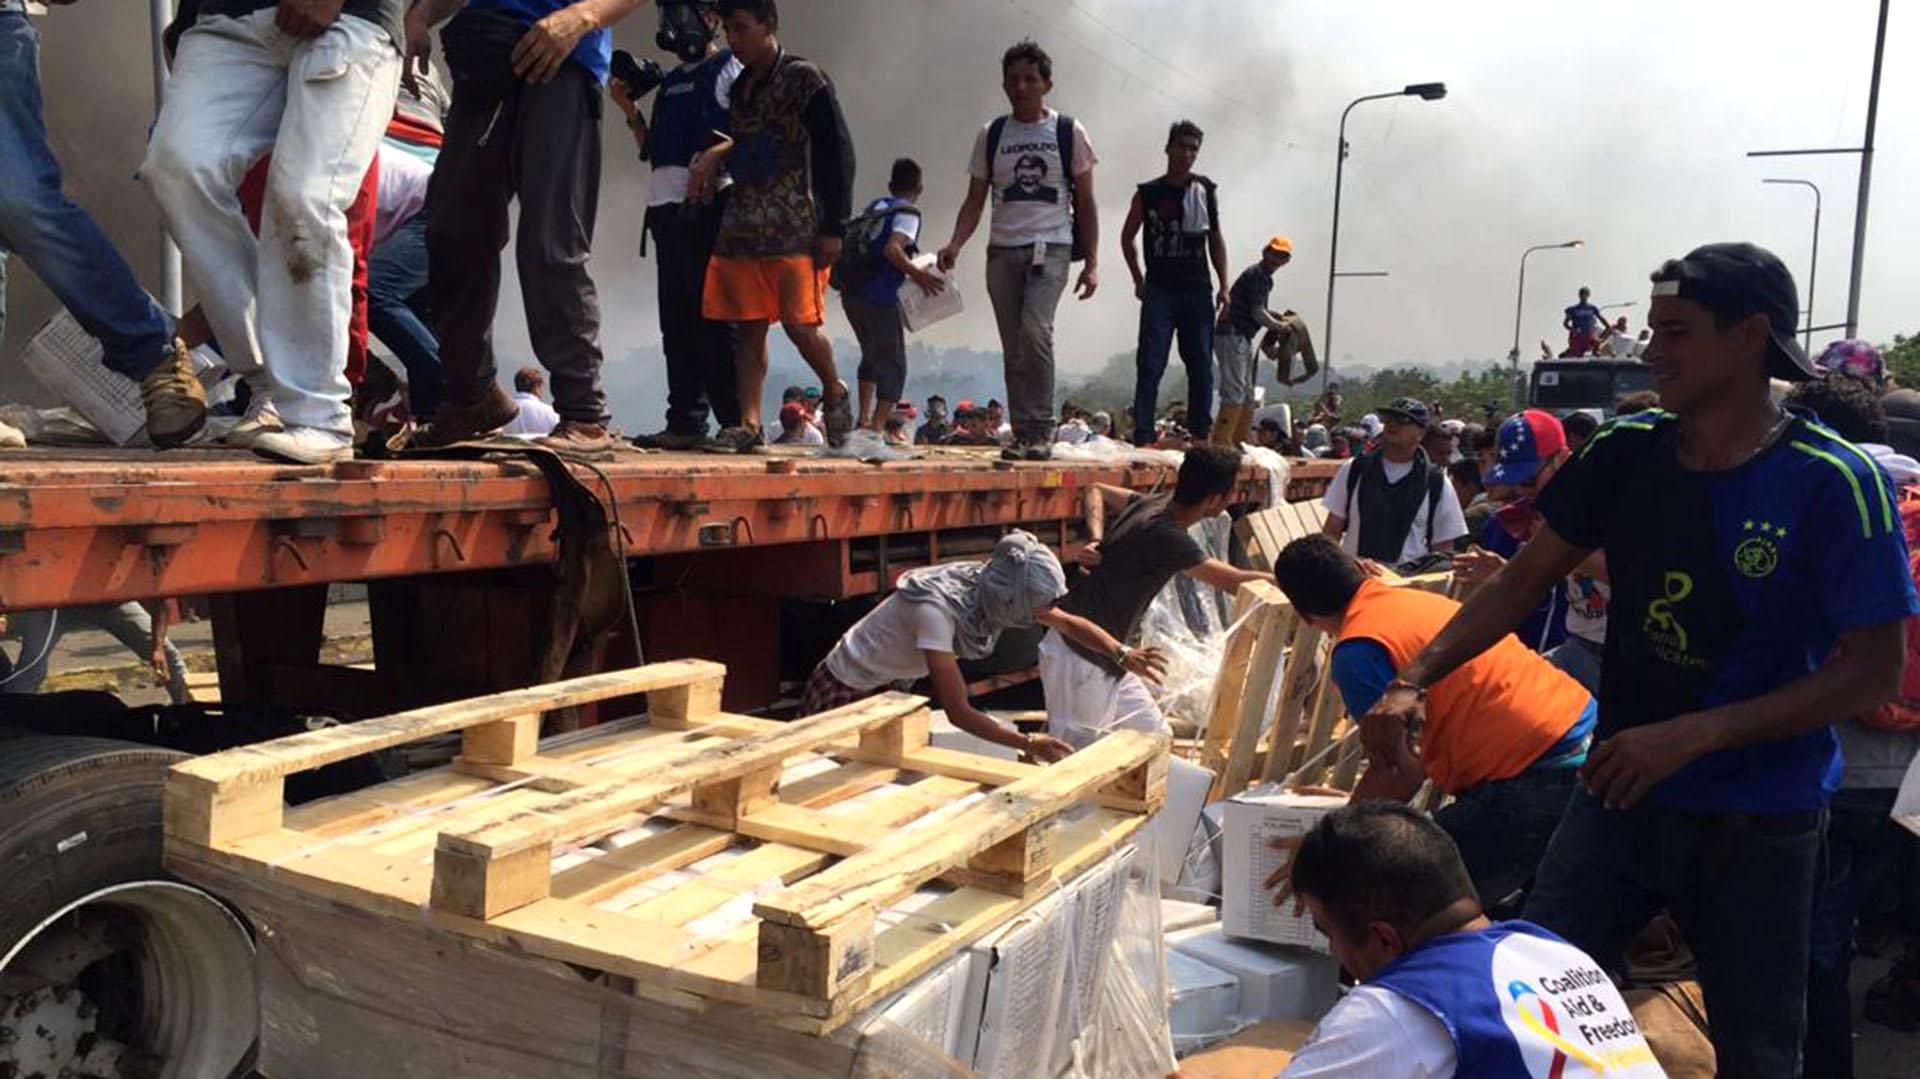 Voluntarios denunciaron que los militares veenzolanos dejaron ingresar los camiones para quemarlos. (Foto NTN24)